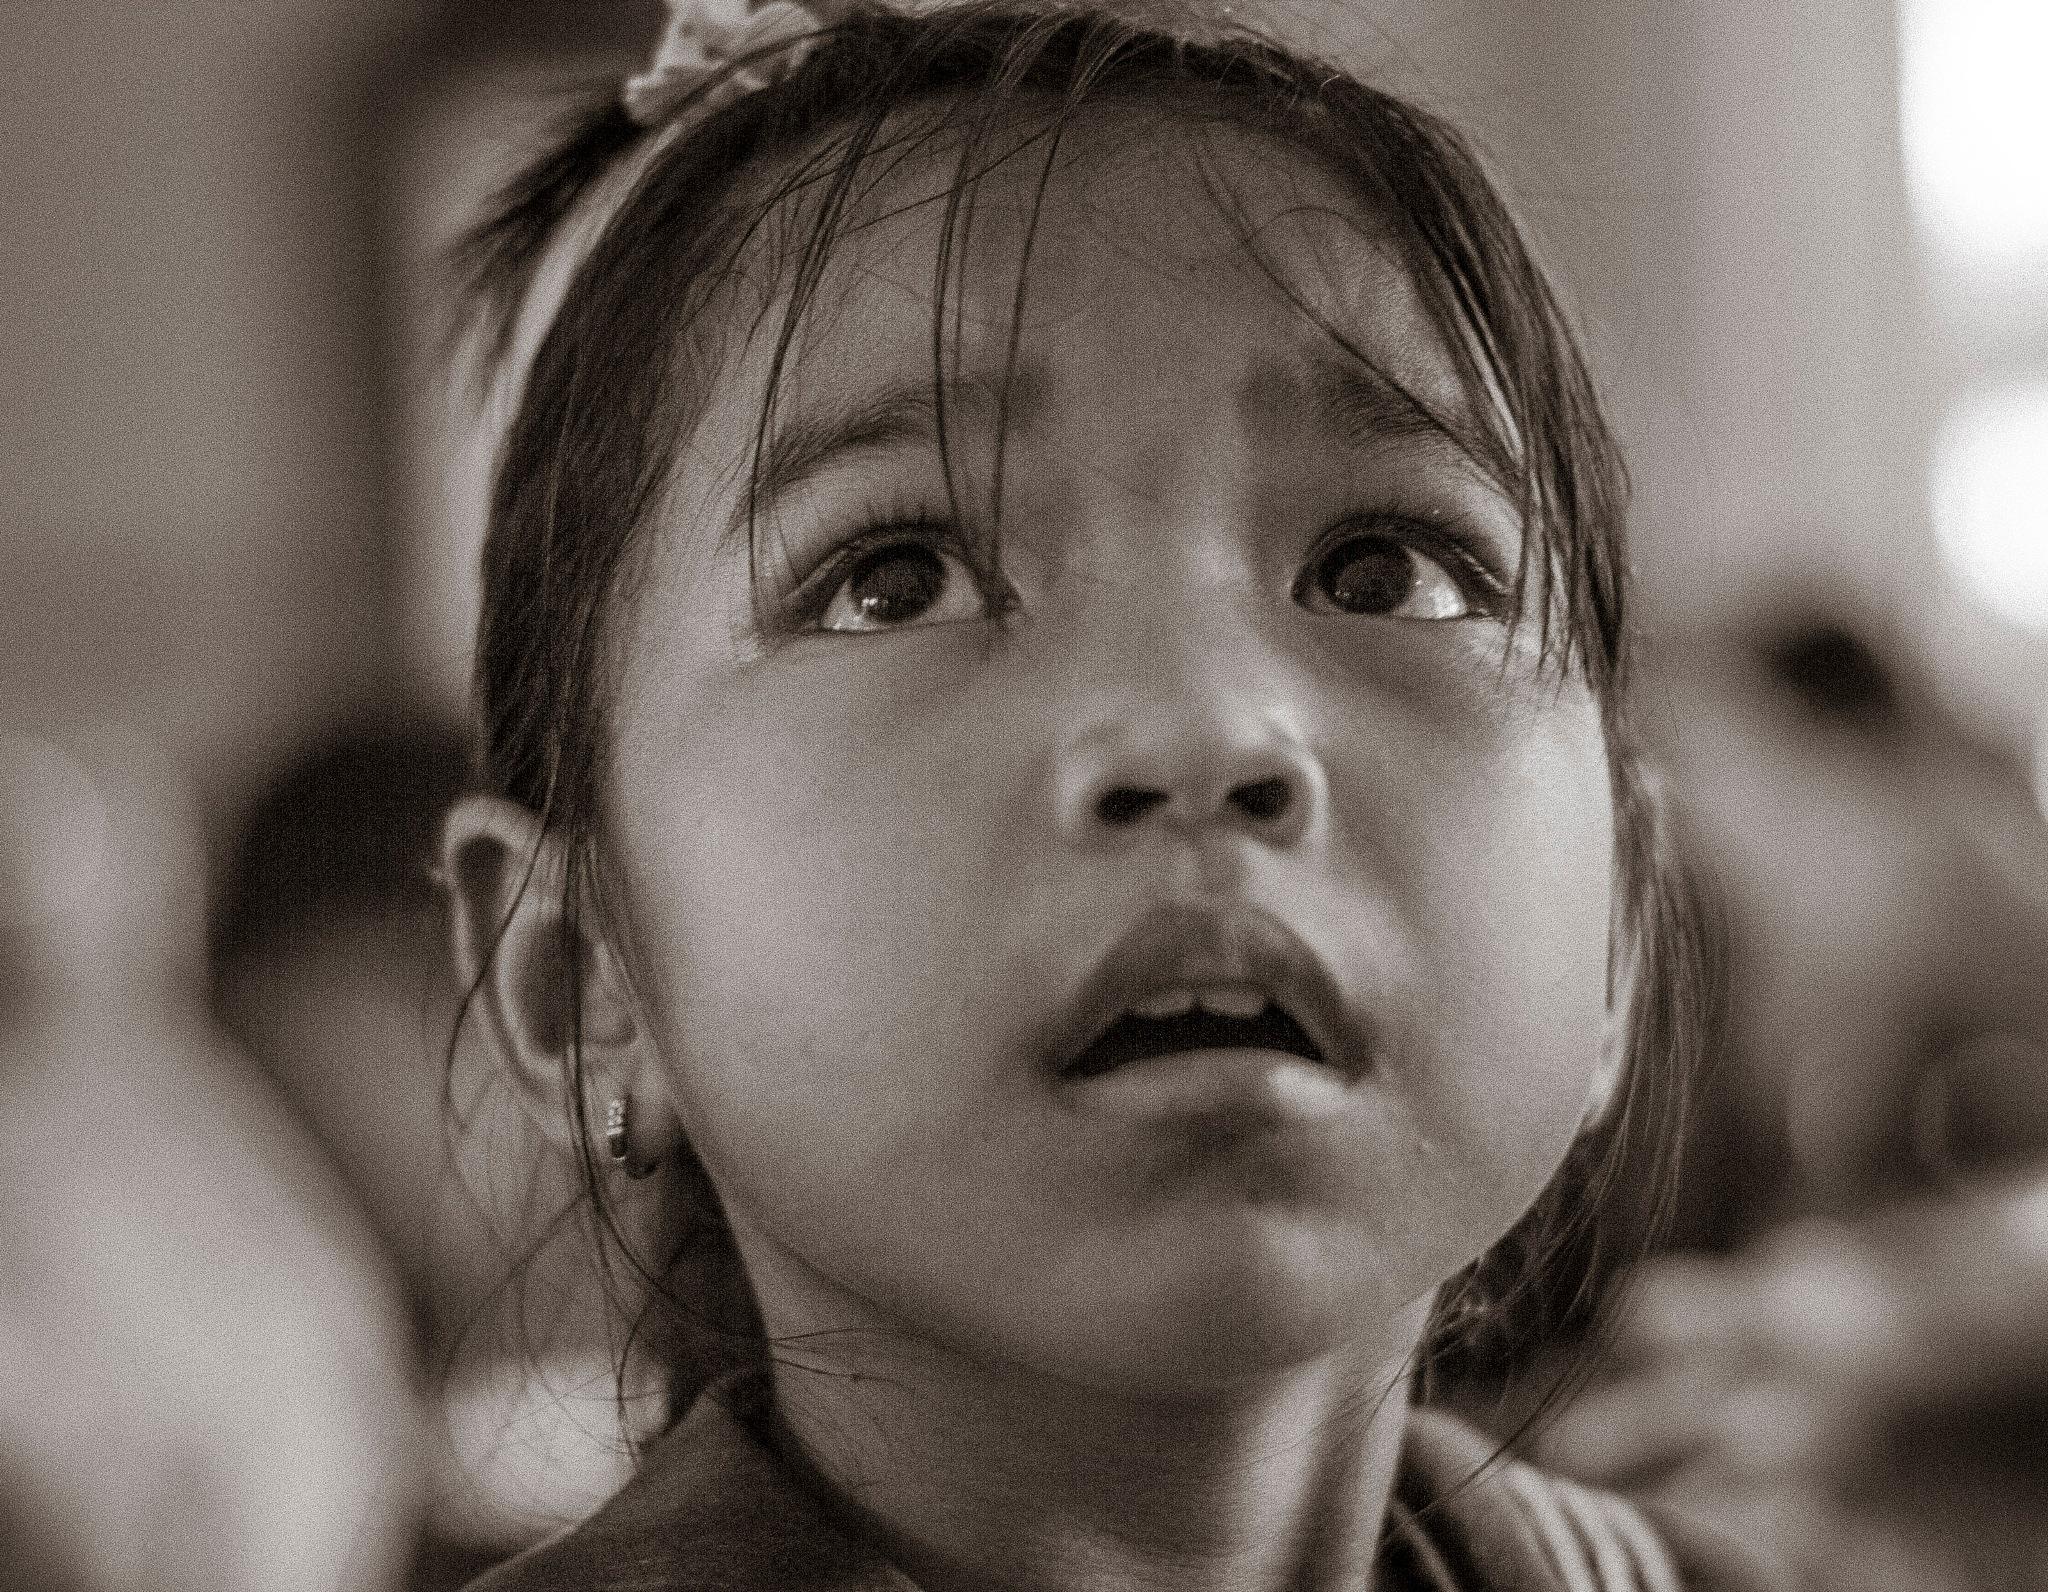 カンボジアの肖像20180822C by wwfax photography